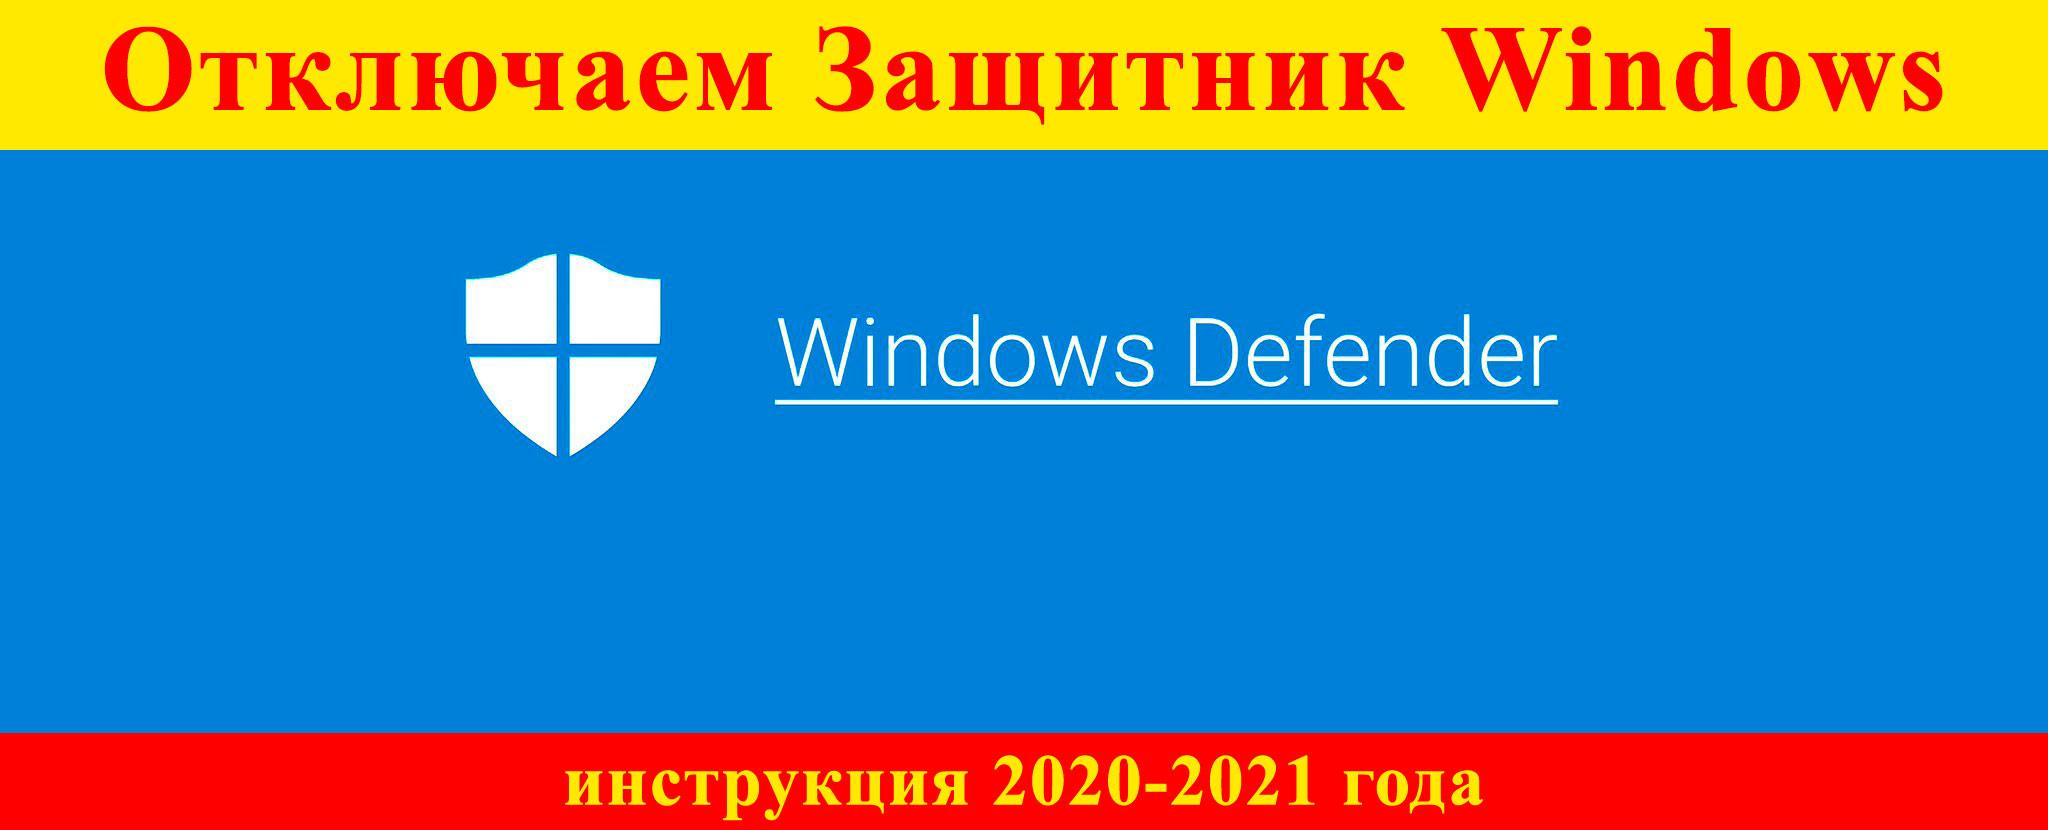 Как отключить Windows Defender